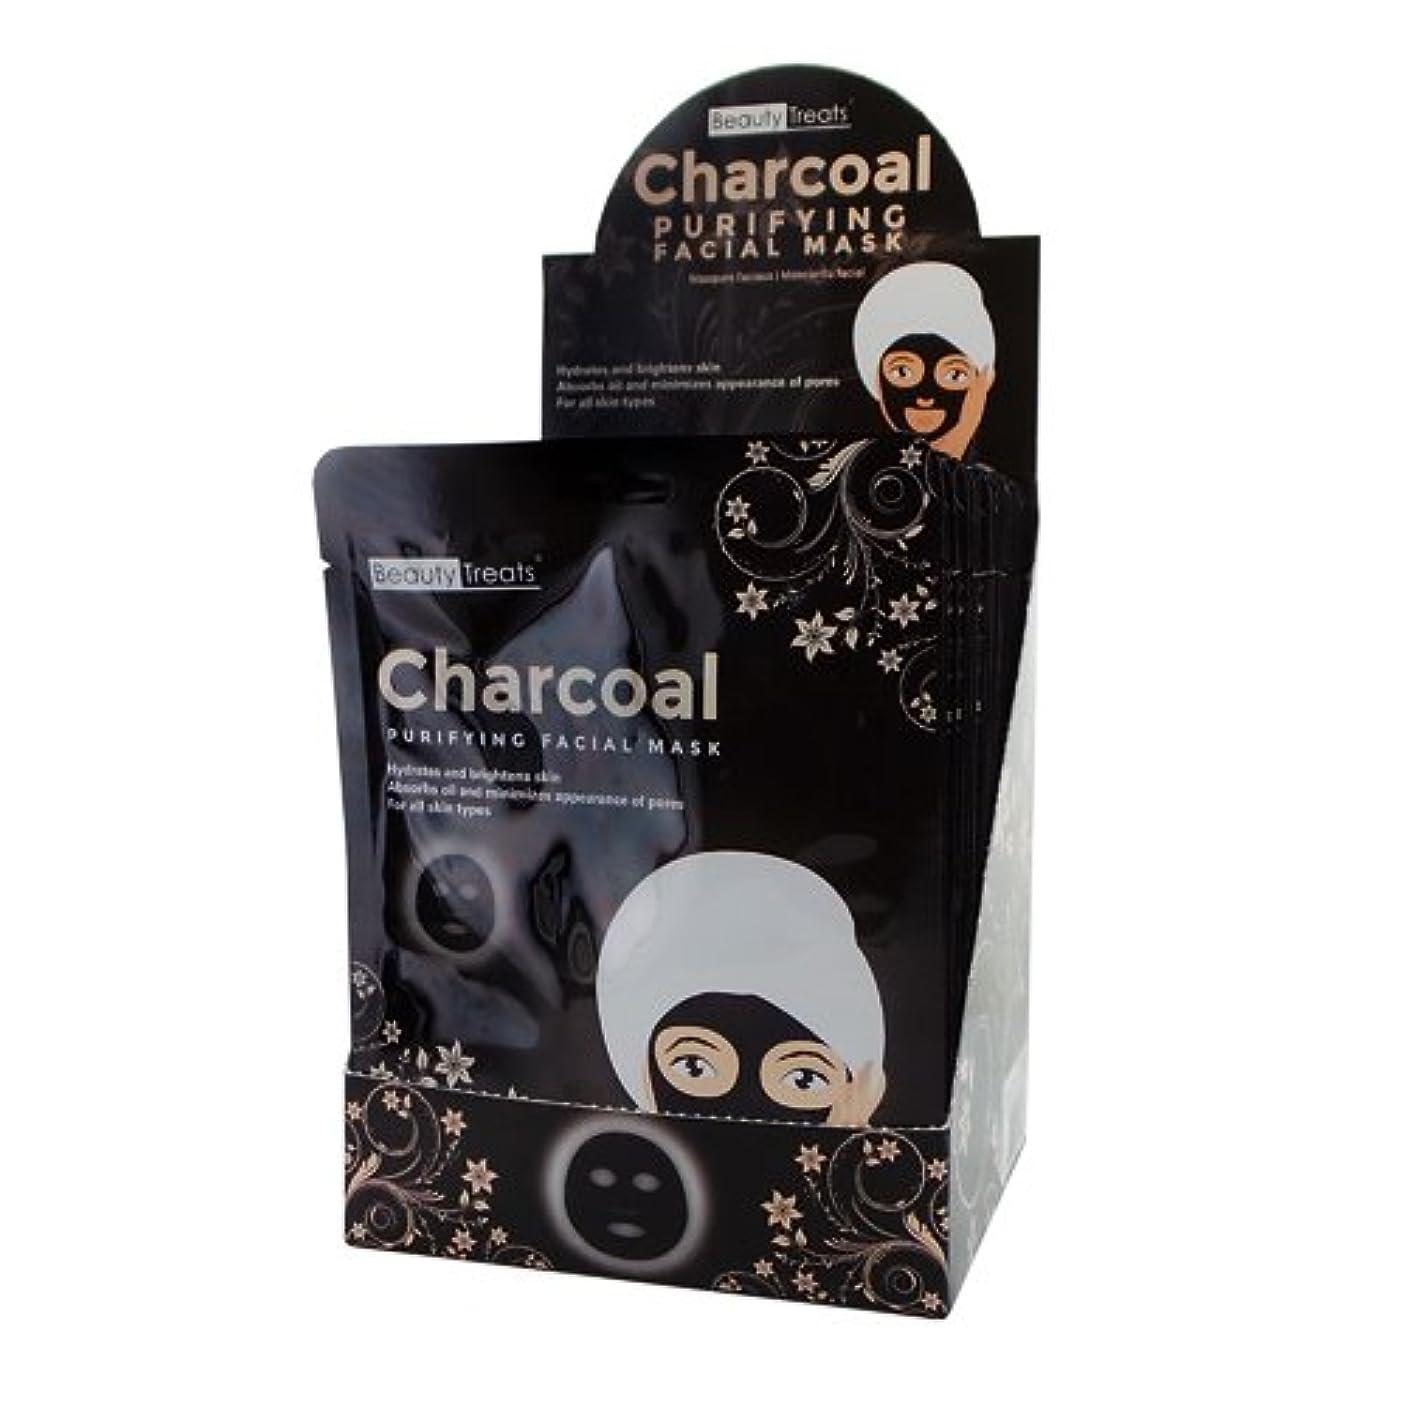 シェア極端なかんたんBEAUTY TREATS Charcoal Purifying Facial Mask Display Box - 24 Pieces (並行輸入品)